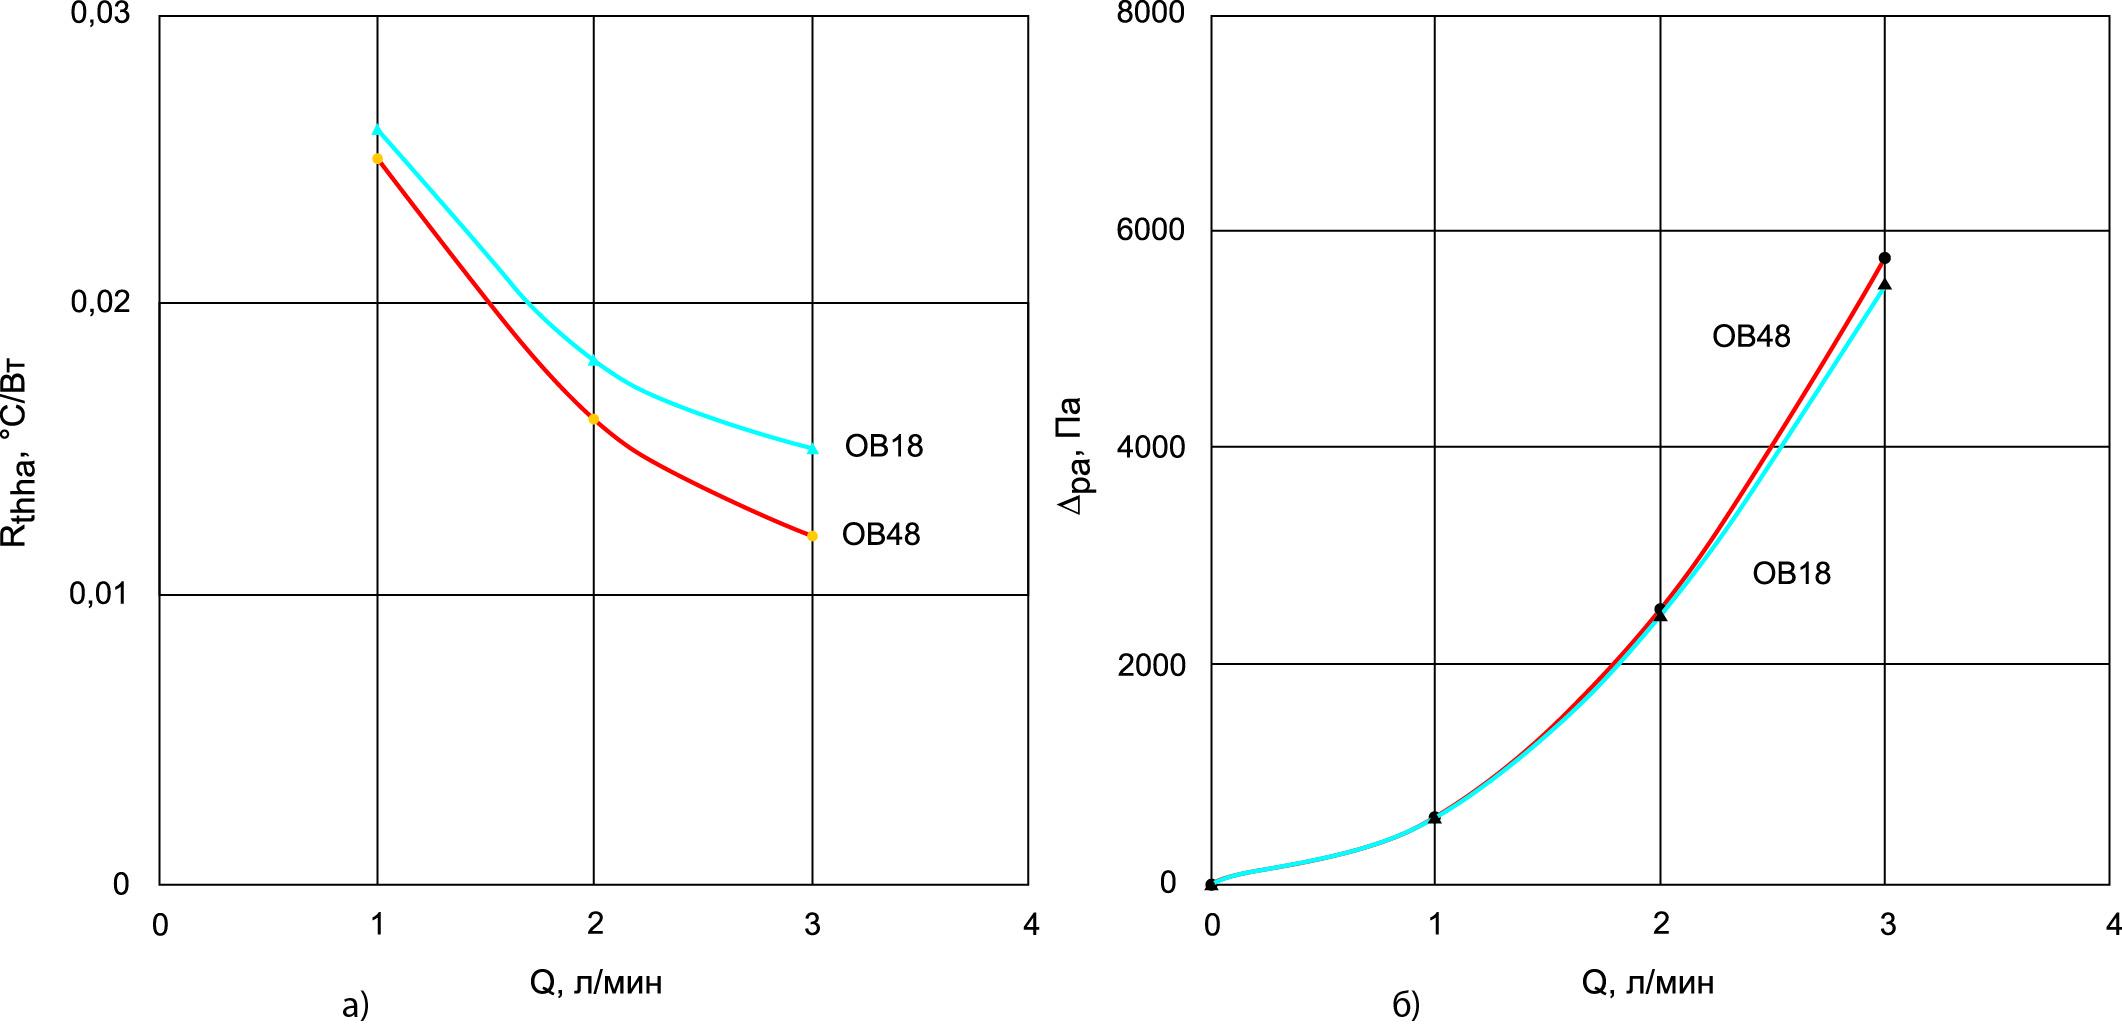 Сравнительные параметры охладителей ОВ18 и ОВ48